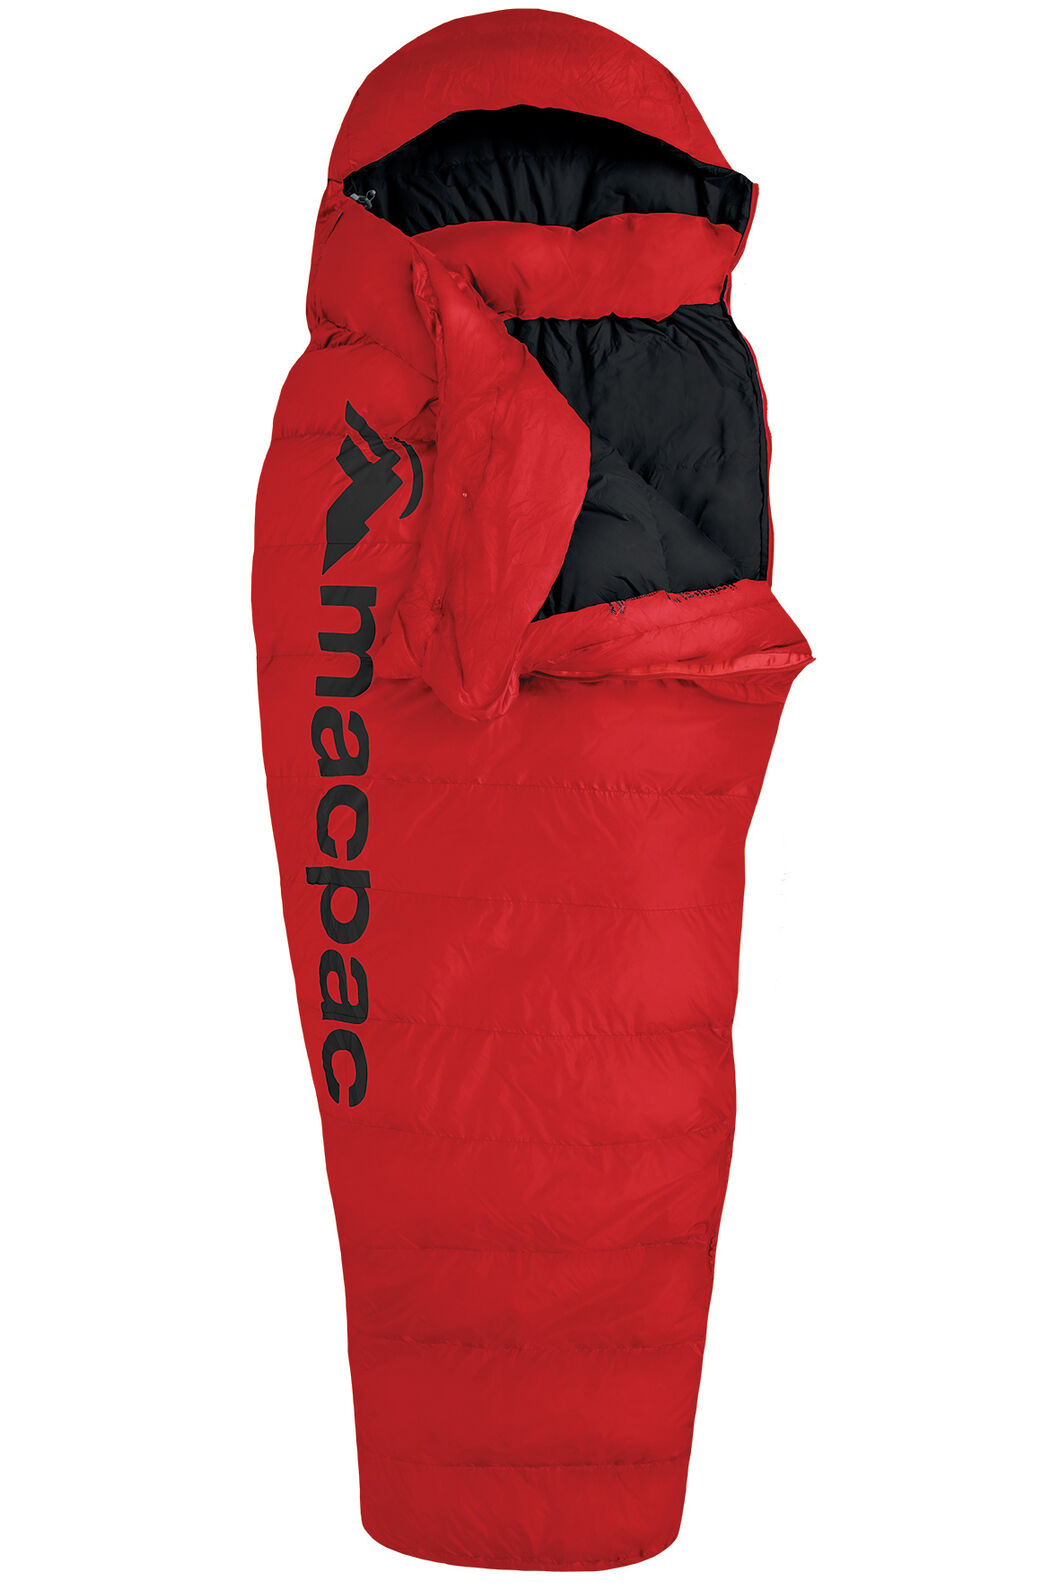 Macpac Overland Down 400 Sleeping Bag - Standard, Flame Scarlet, hi-res